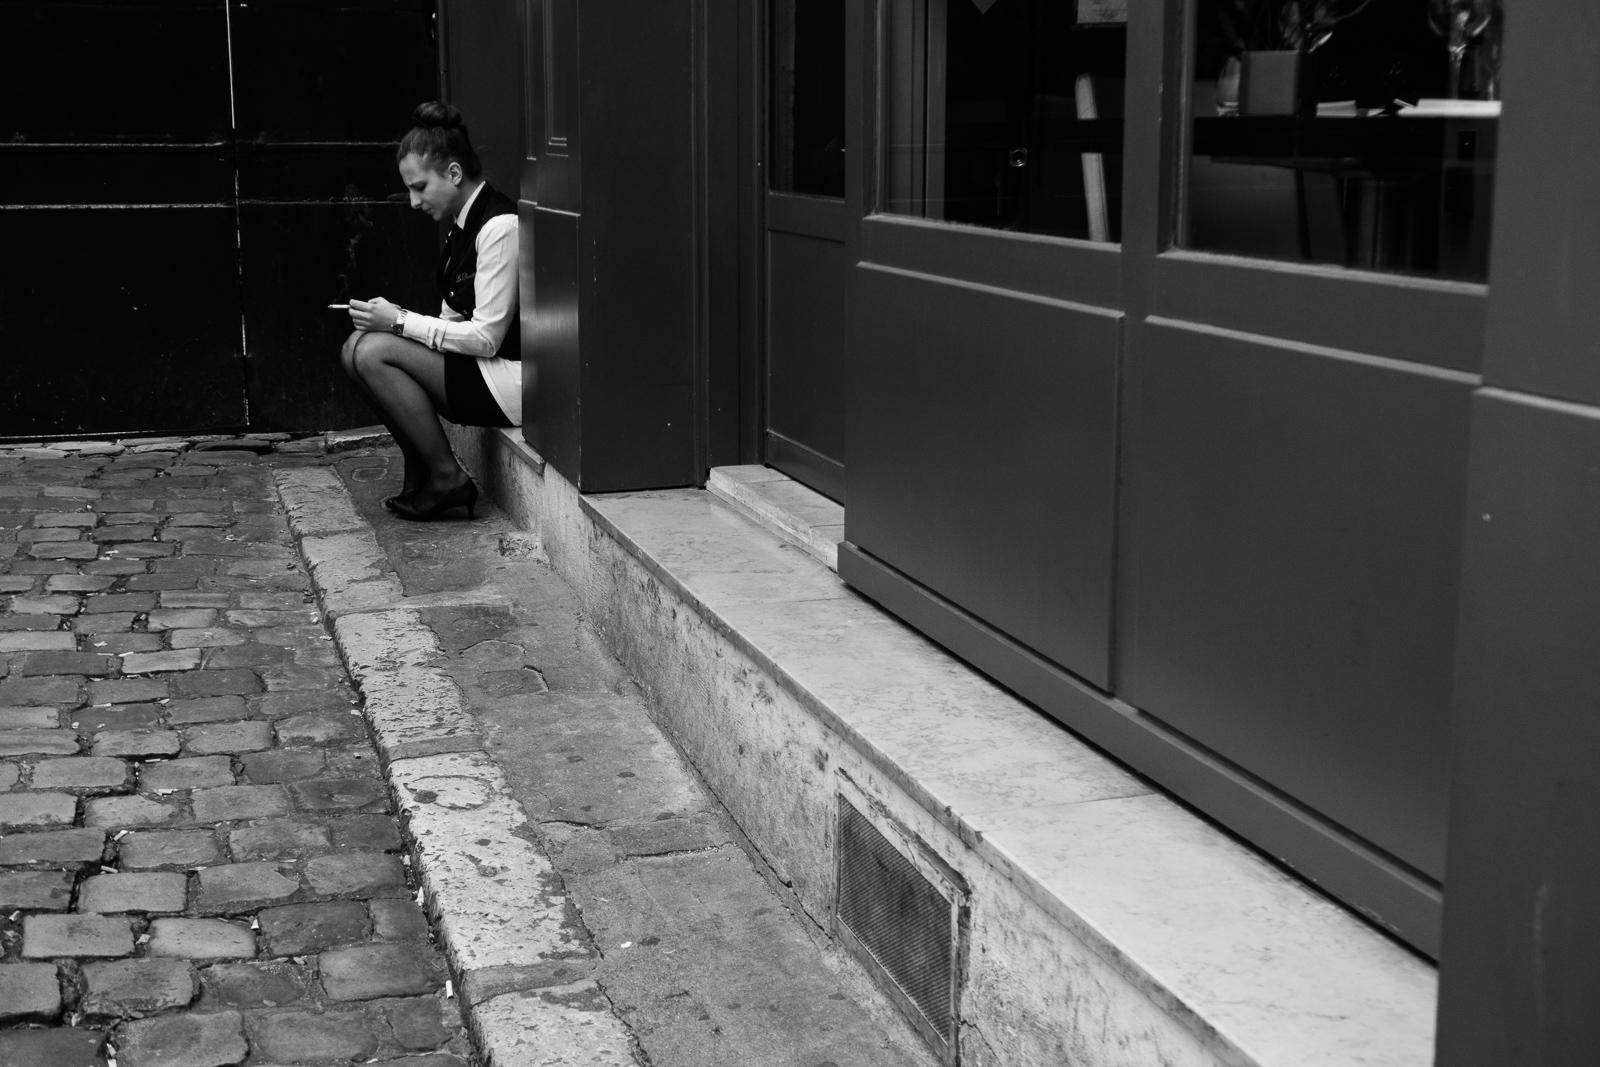 paris_street_2016-1562